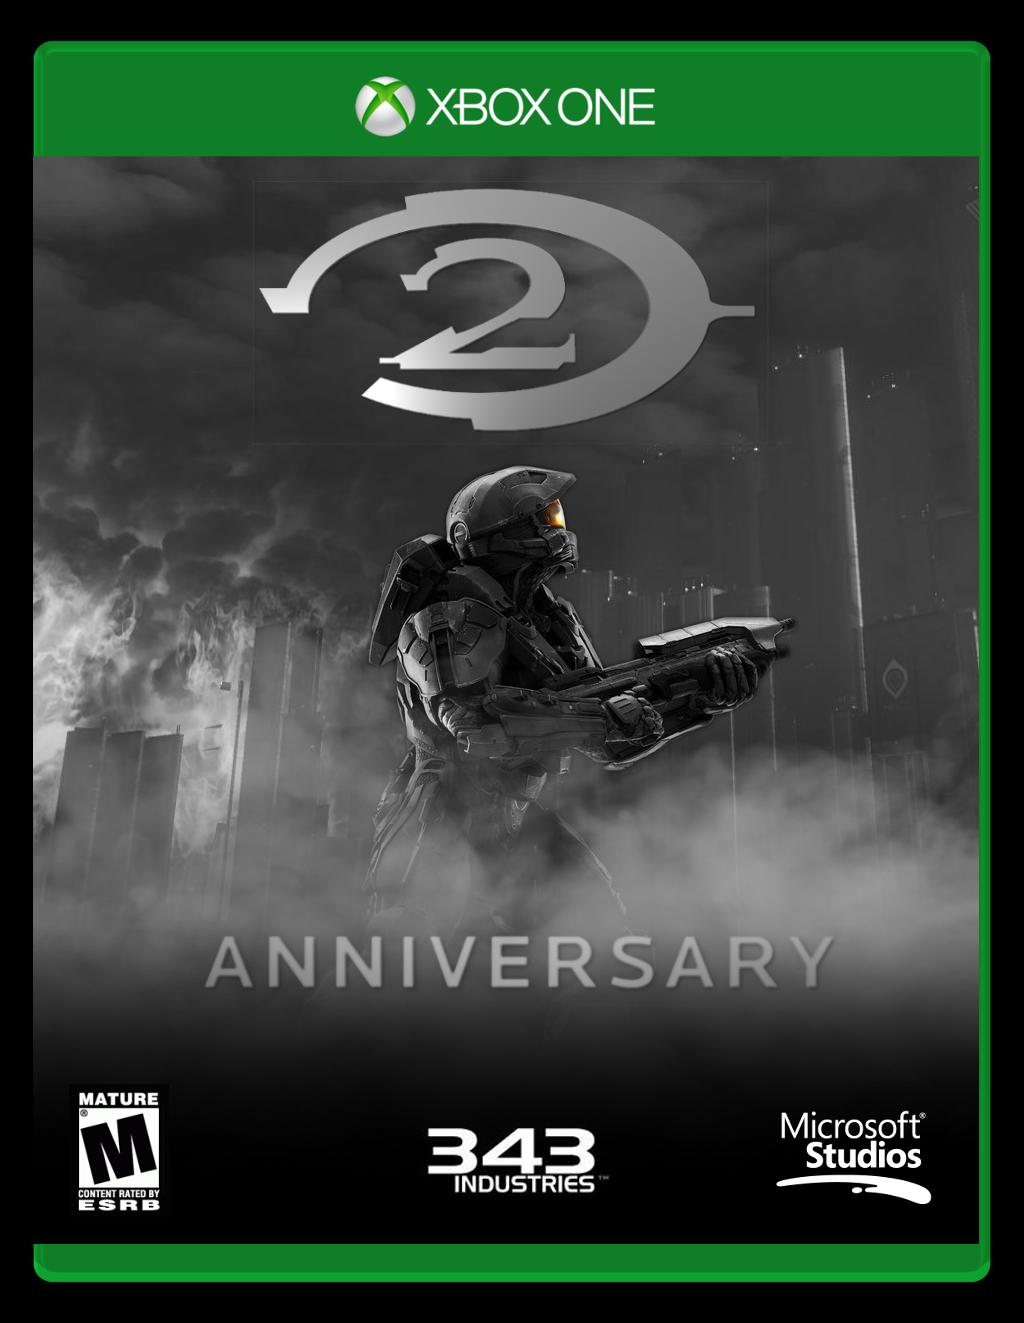 Halo 2 Anniversary [Box Art] by F1yingPinapp1e